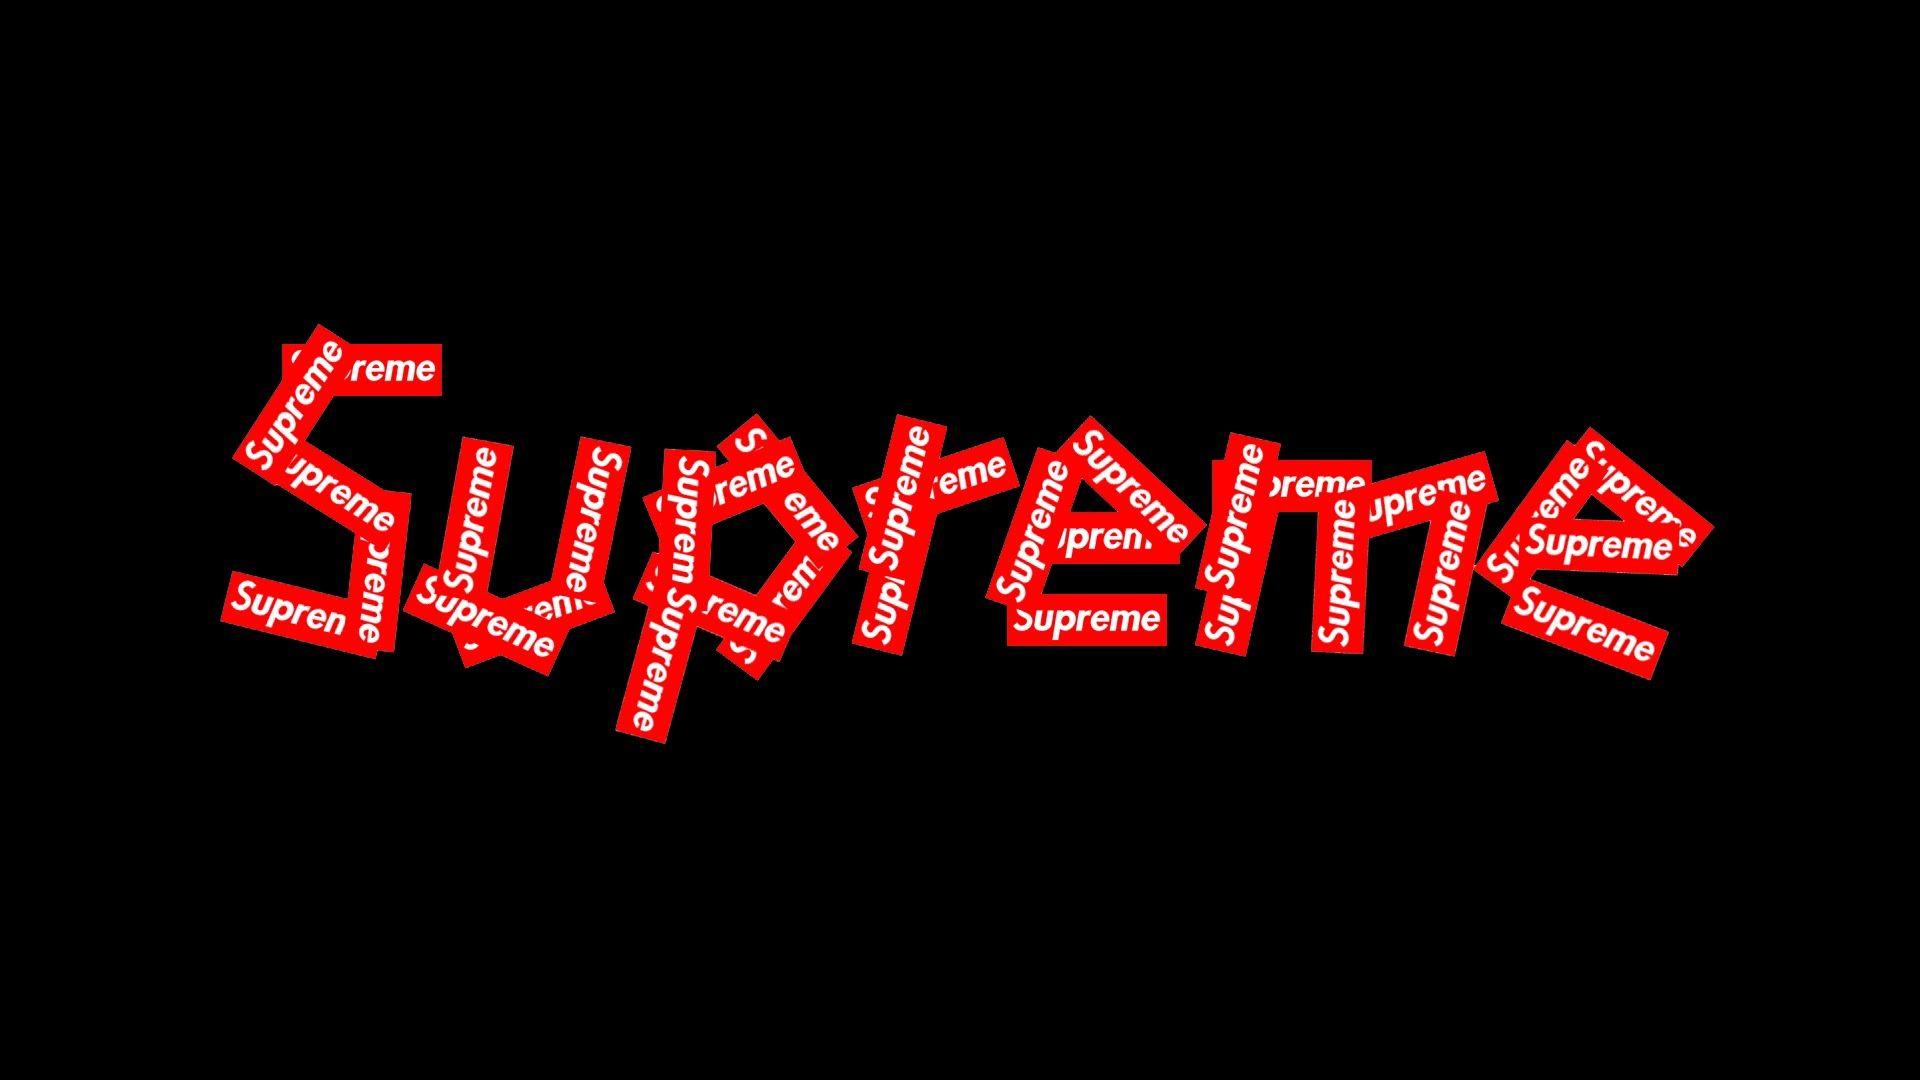 Supreme supreme in 2019 Hypebeast wallpaper Supreme wallpaper 1920x1080